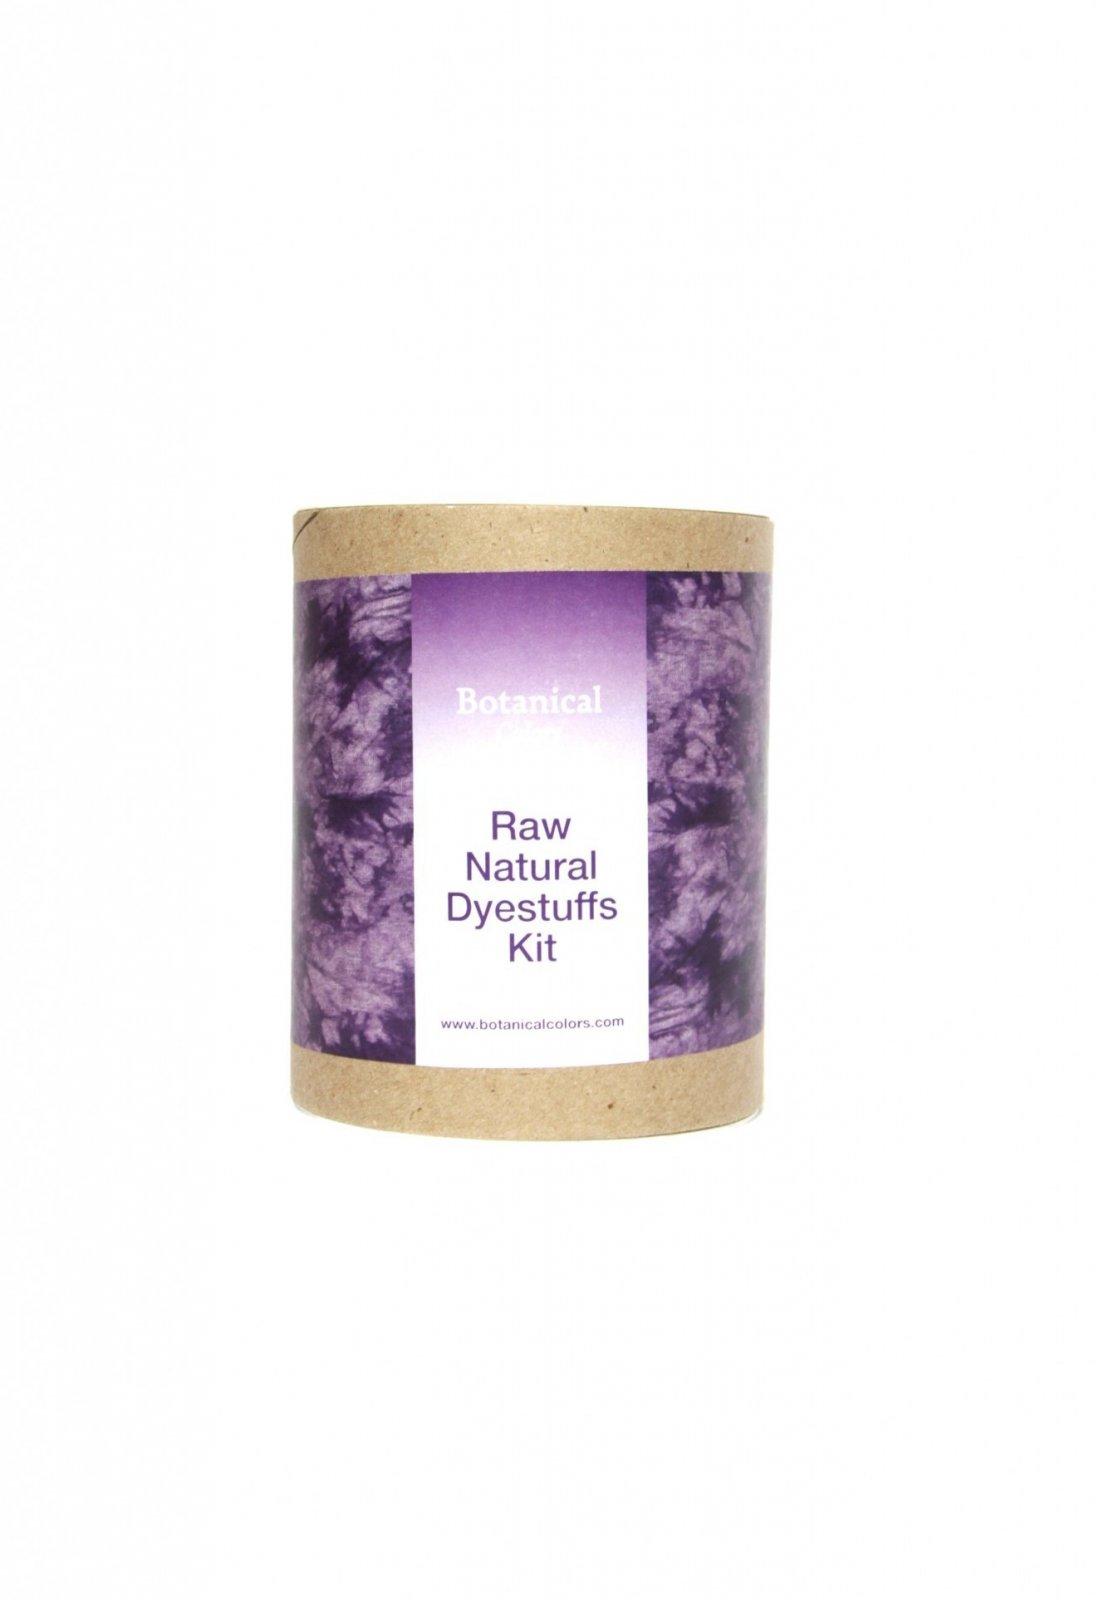 Botanical Colors Dye Kit  Natural Dye Kit w/ Raw Dyestuffs